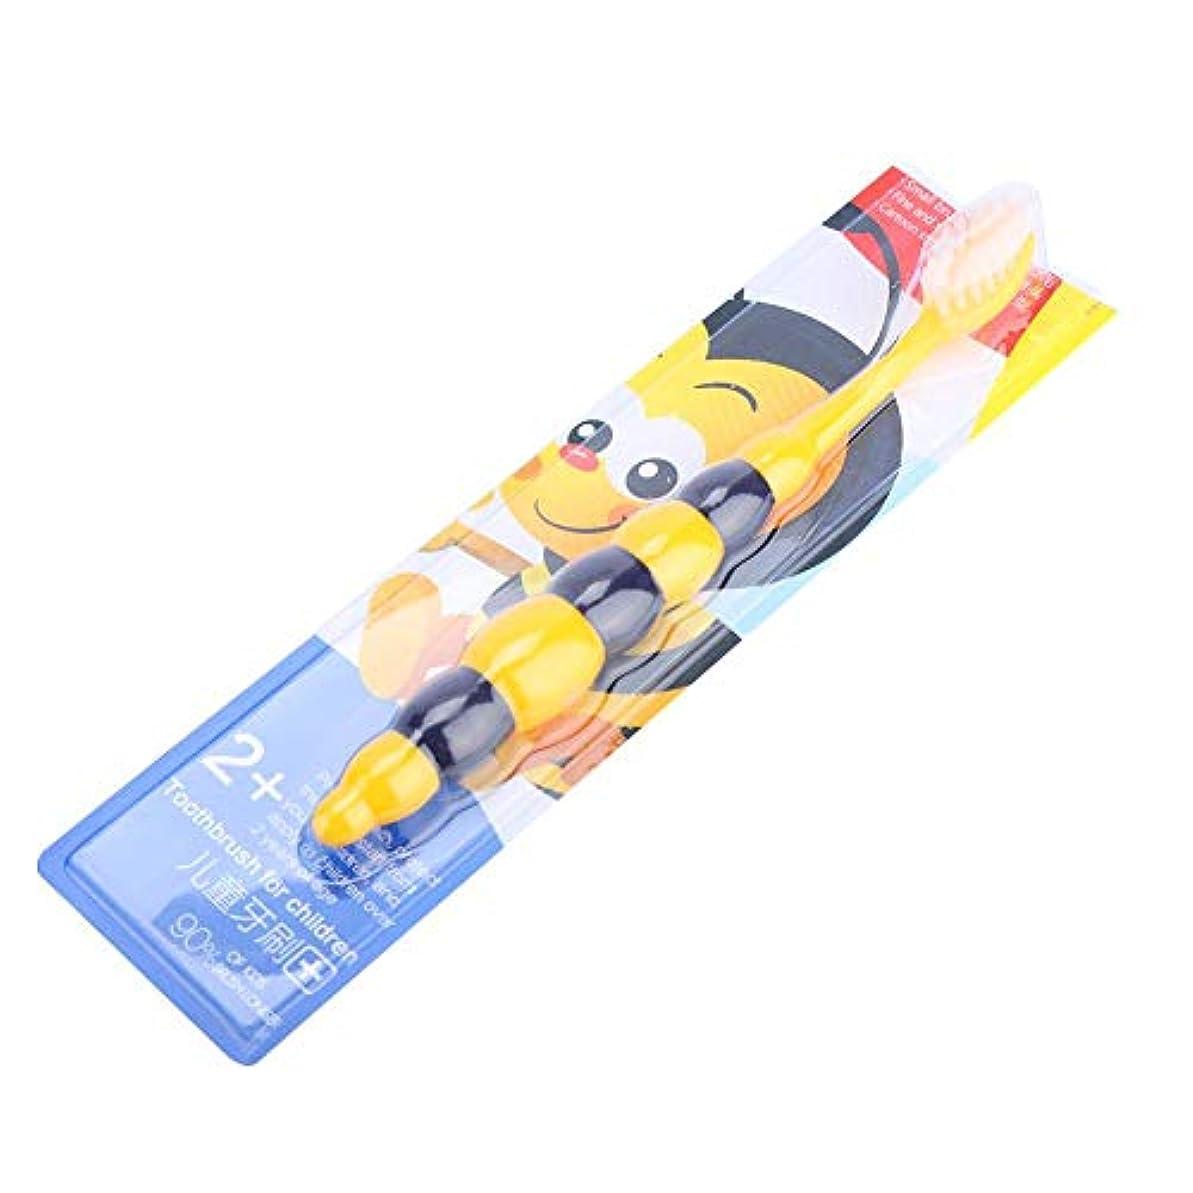 割れ目ライムロック歯ブラシの子供の柔らかい毛のかわいい口頭心配用具